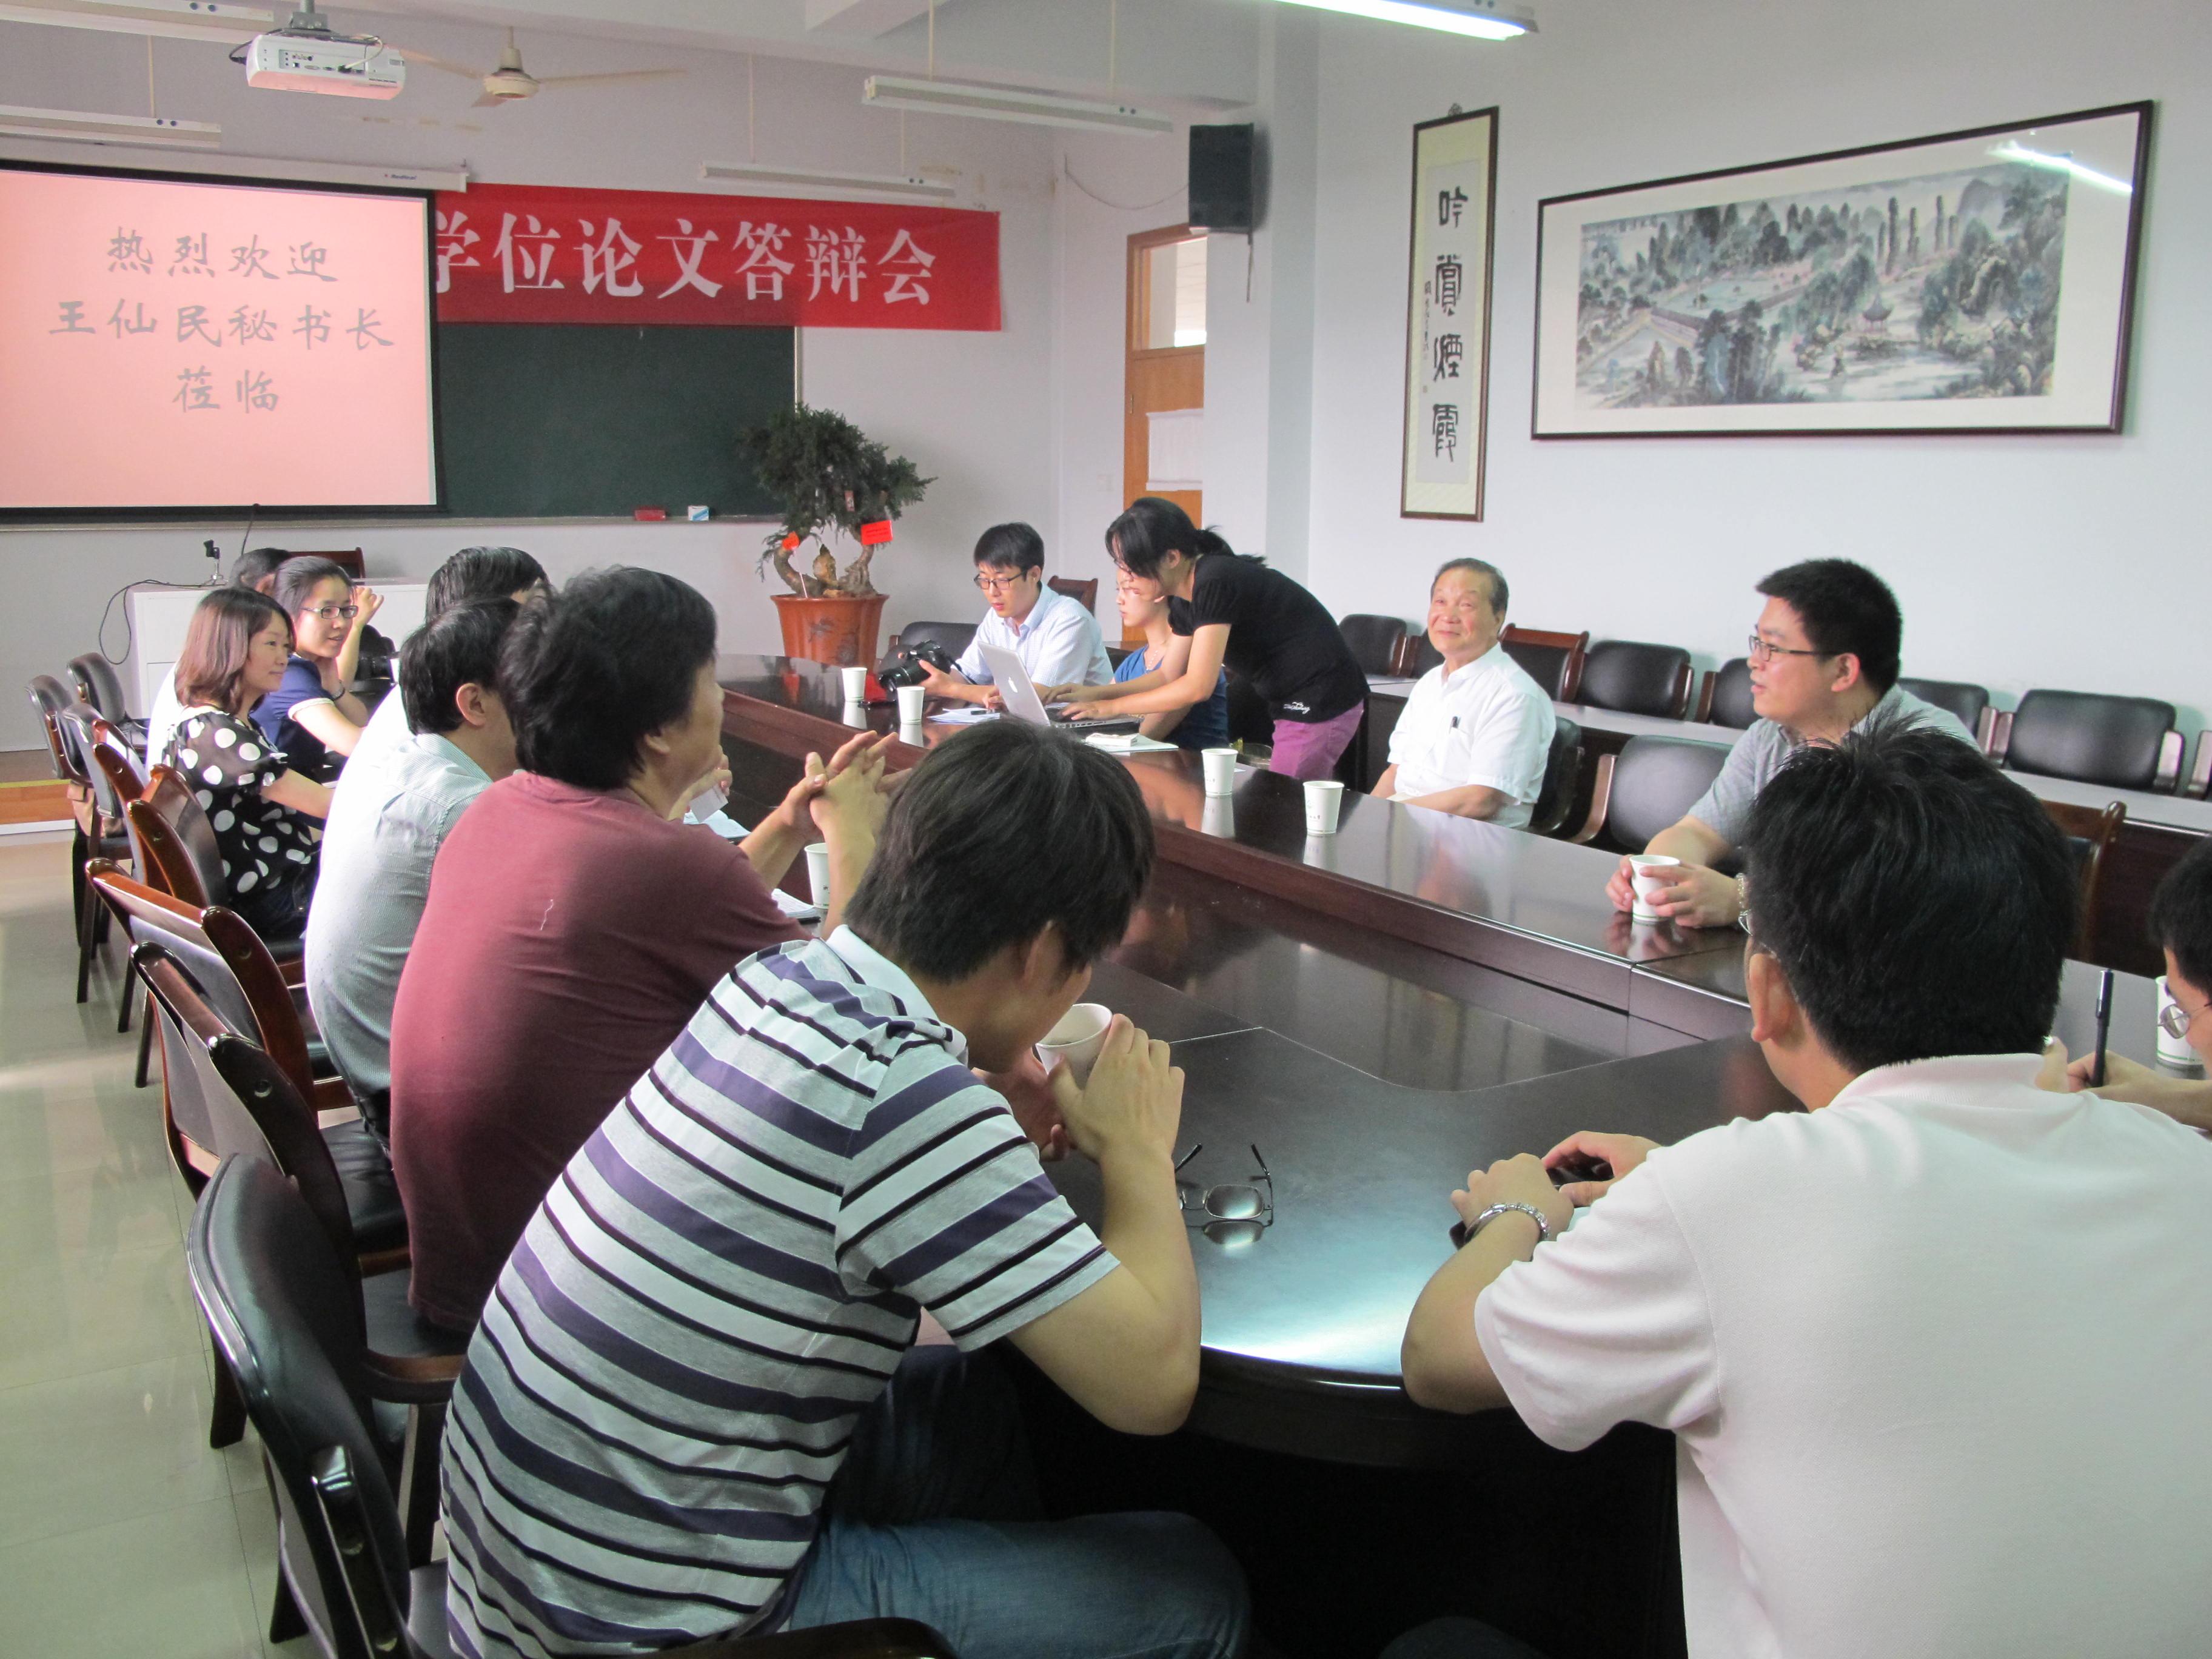 浙江农林大学会议室